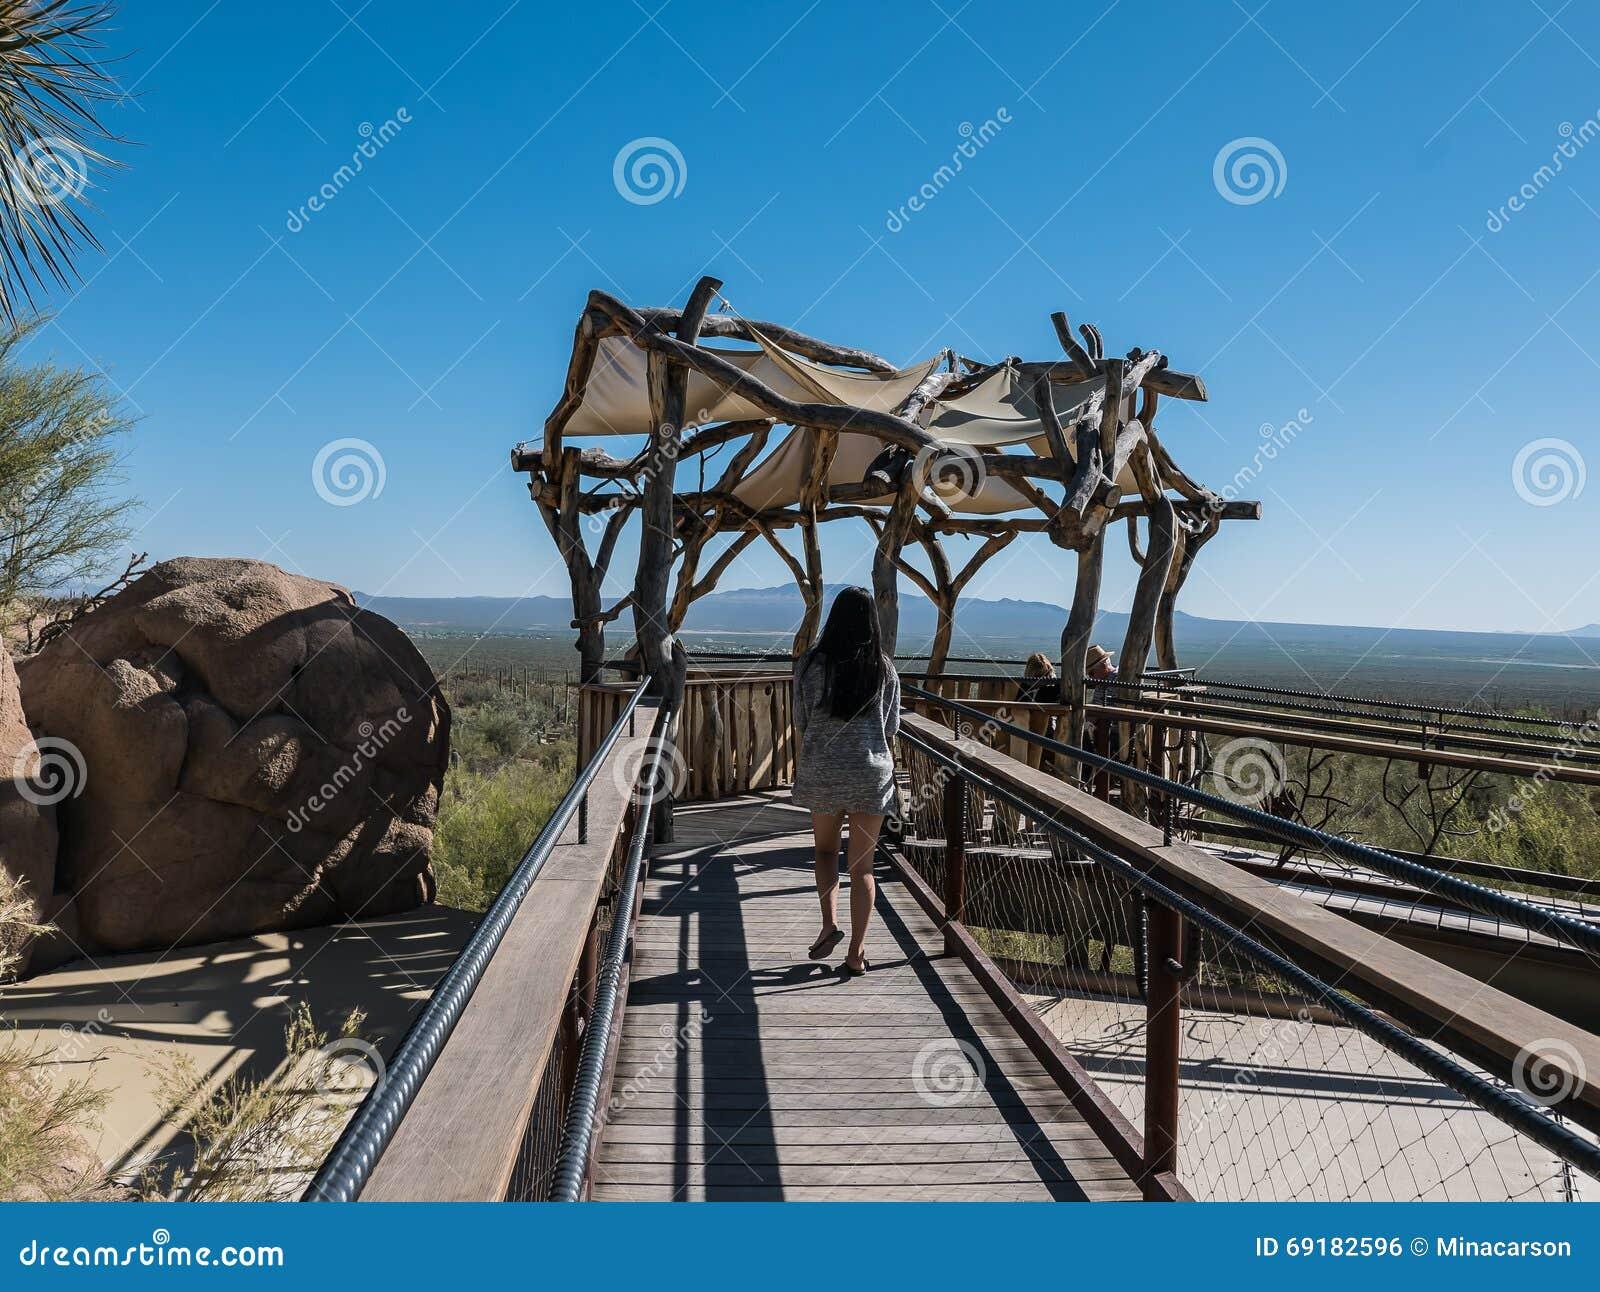 Visitors enjoy shaded observation platform overlooking desert